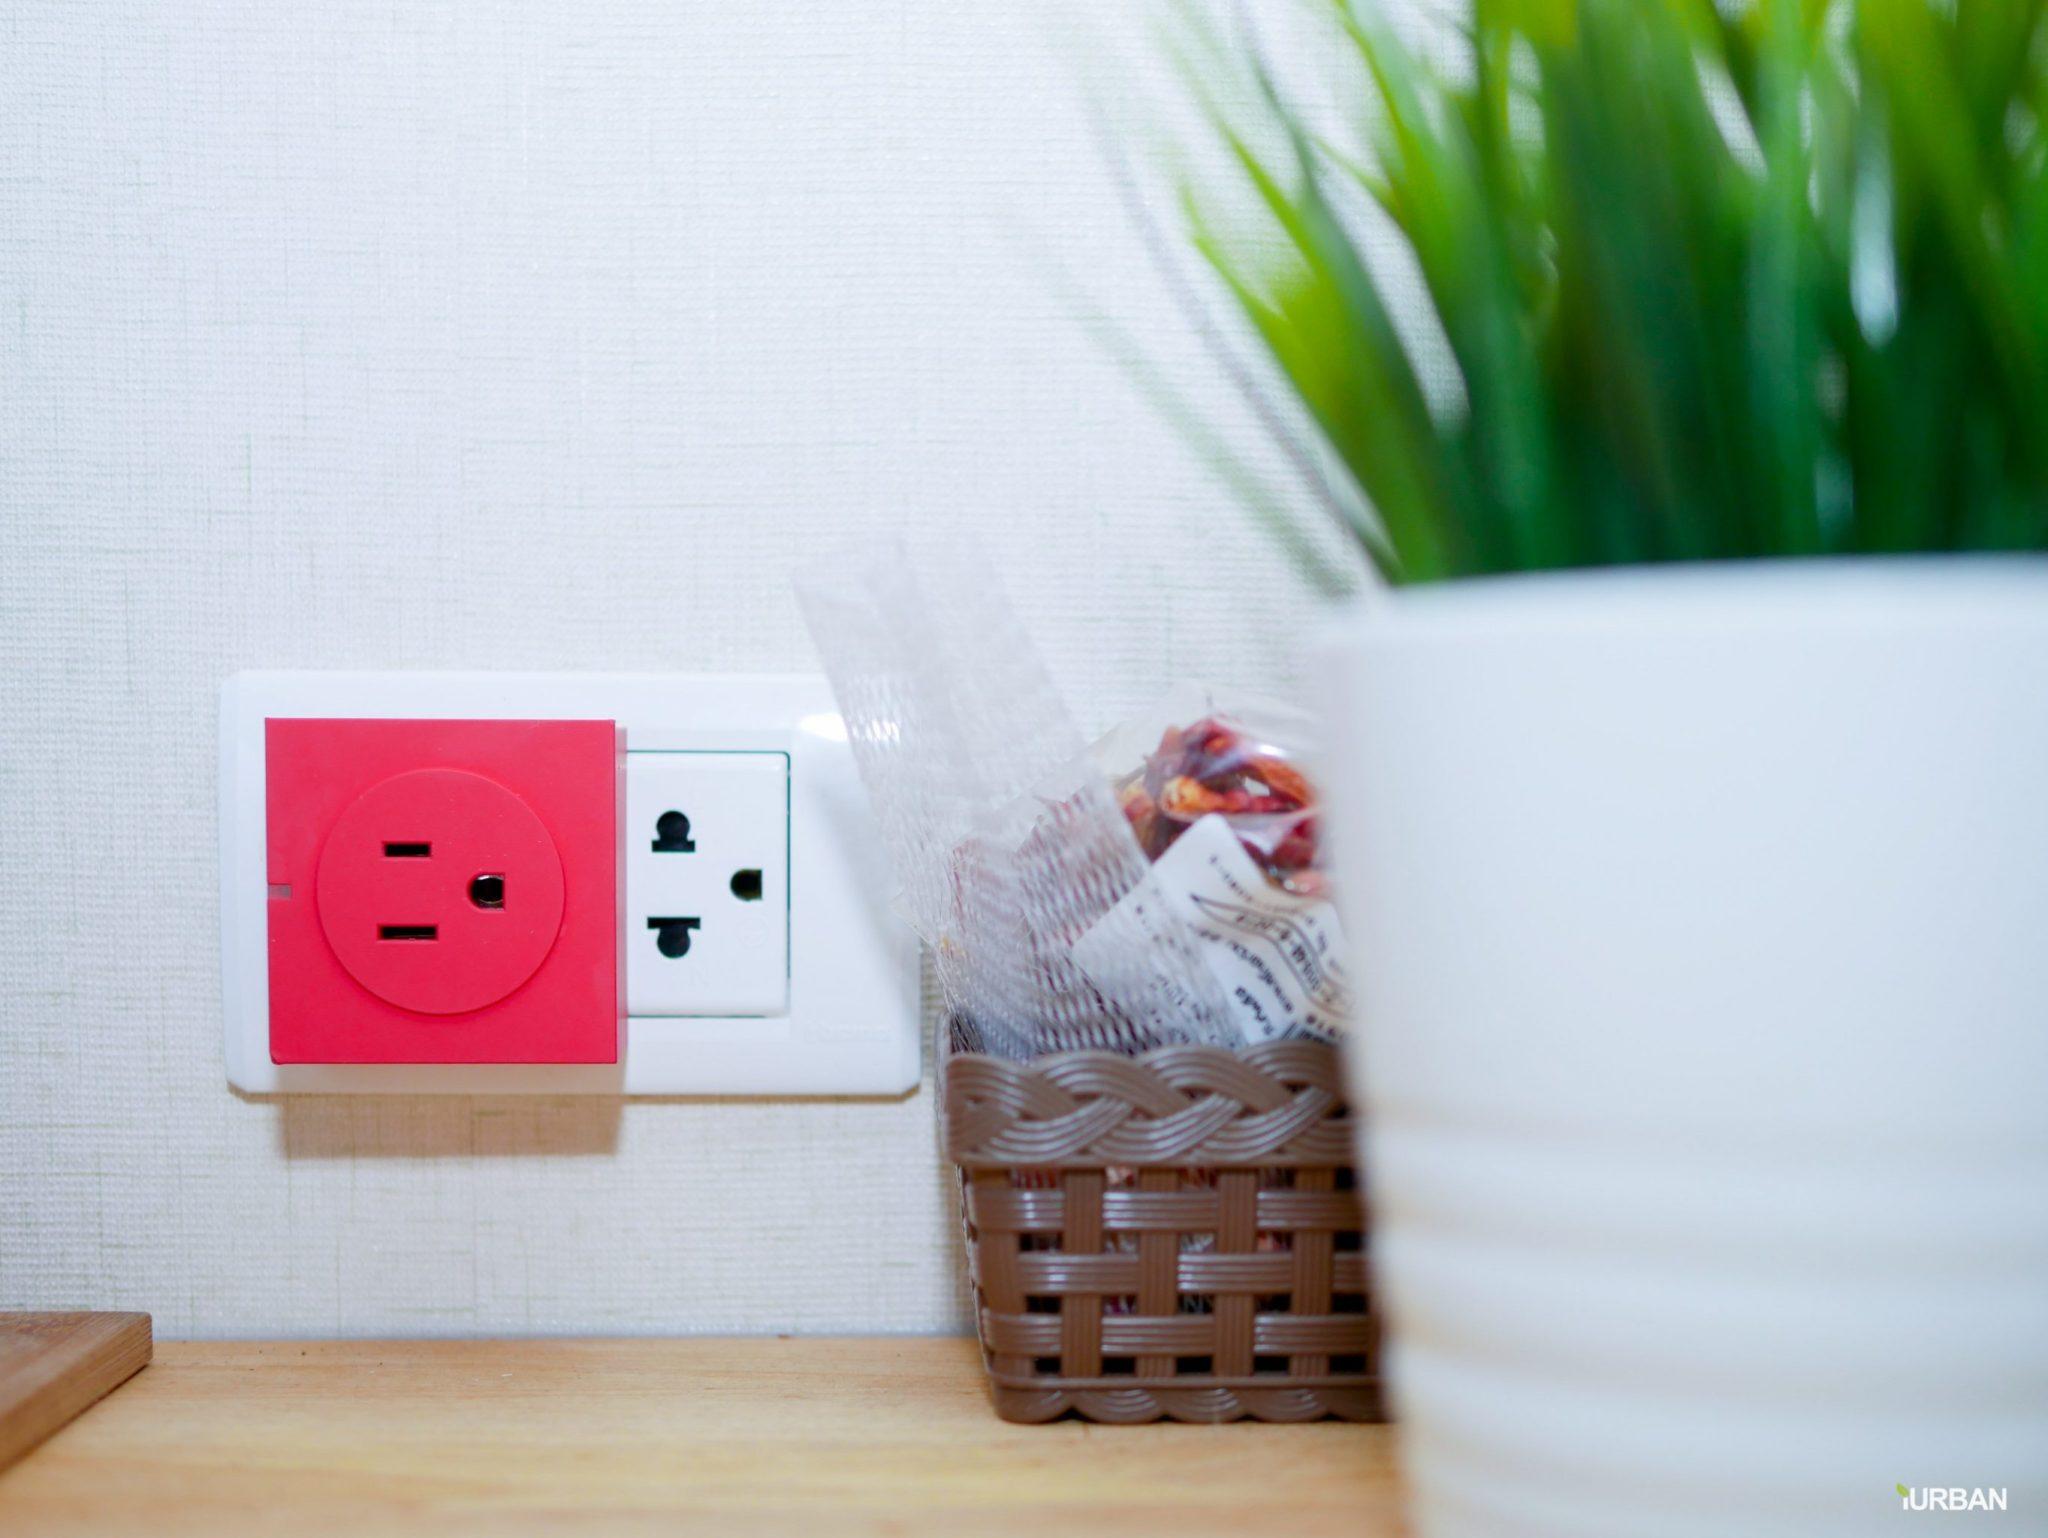 รีวิว Lamptan Smart Socket ปลั๊ก WIFI ที่เปลี่ยนอุปกรณ์เดิม ให้เปิดผ่านแอพมือถือและทำงานอัตโนมัติ 25 - Lamptan